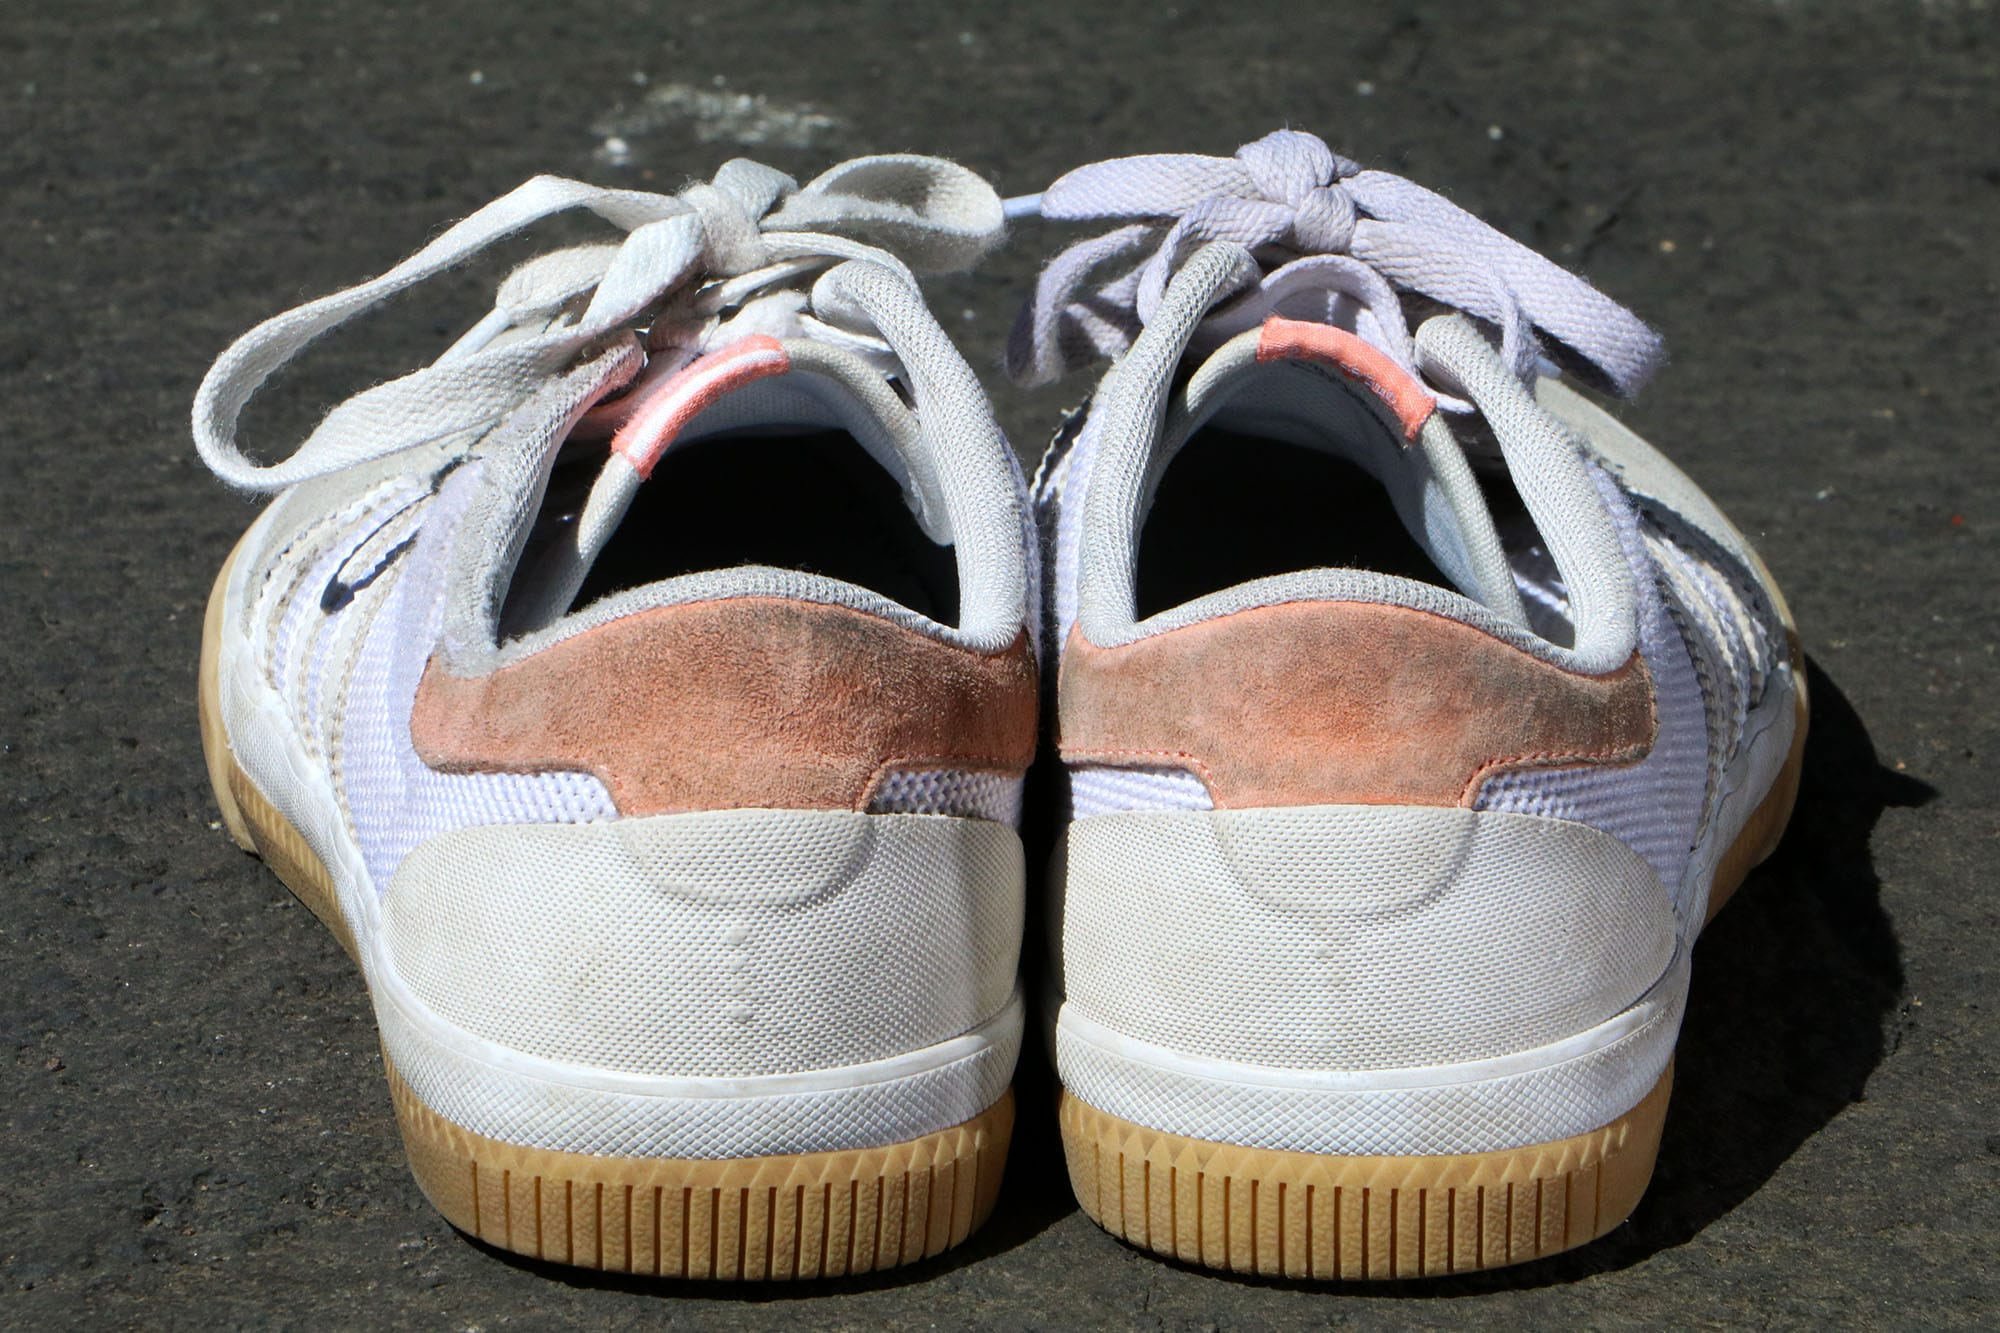 online store 02679 ff339 Shop Adidas Lucas Premiere ADV Skate Shoes